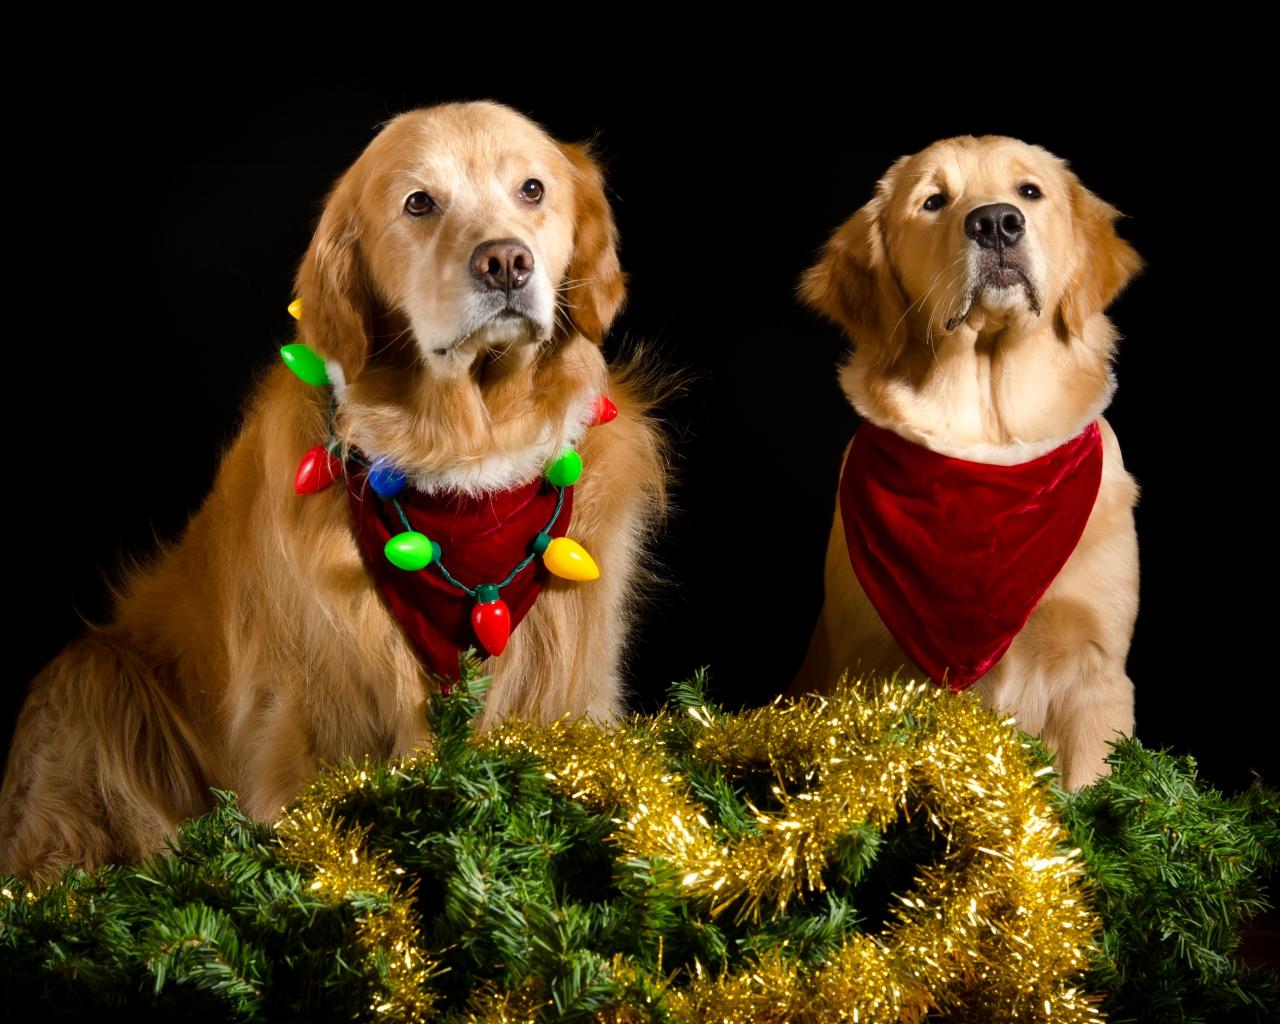 Perros con adornos Navidad - 1280x1024